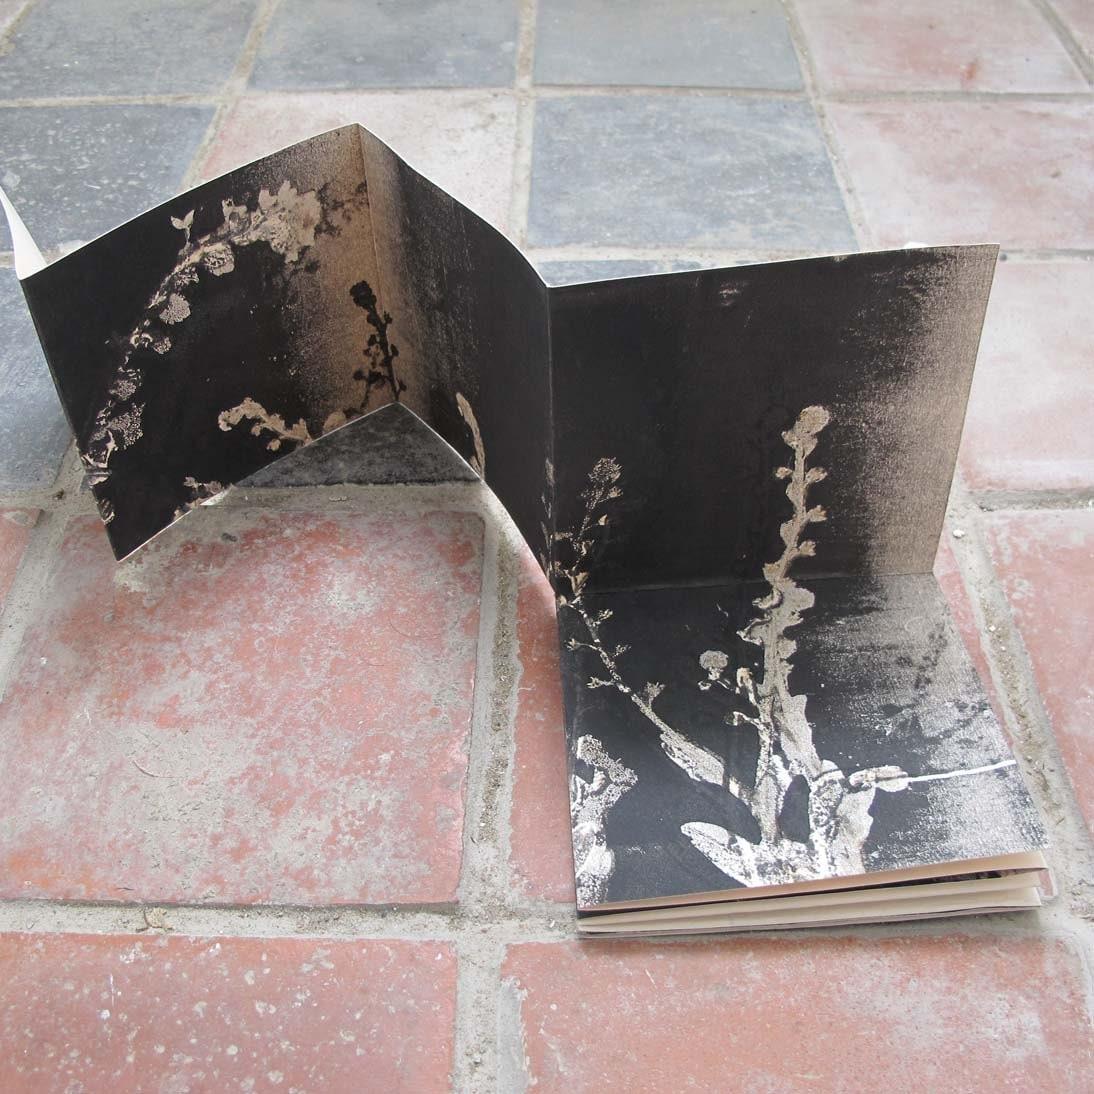 Handmade original botanical art monoprint artist book, keepsake WEDDING FAVOR, gift Forget-me-nots - fieldandhedgerow